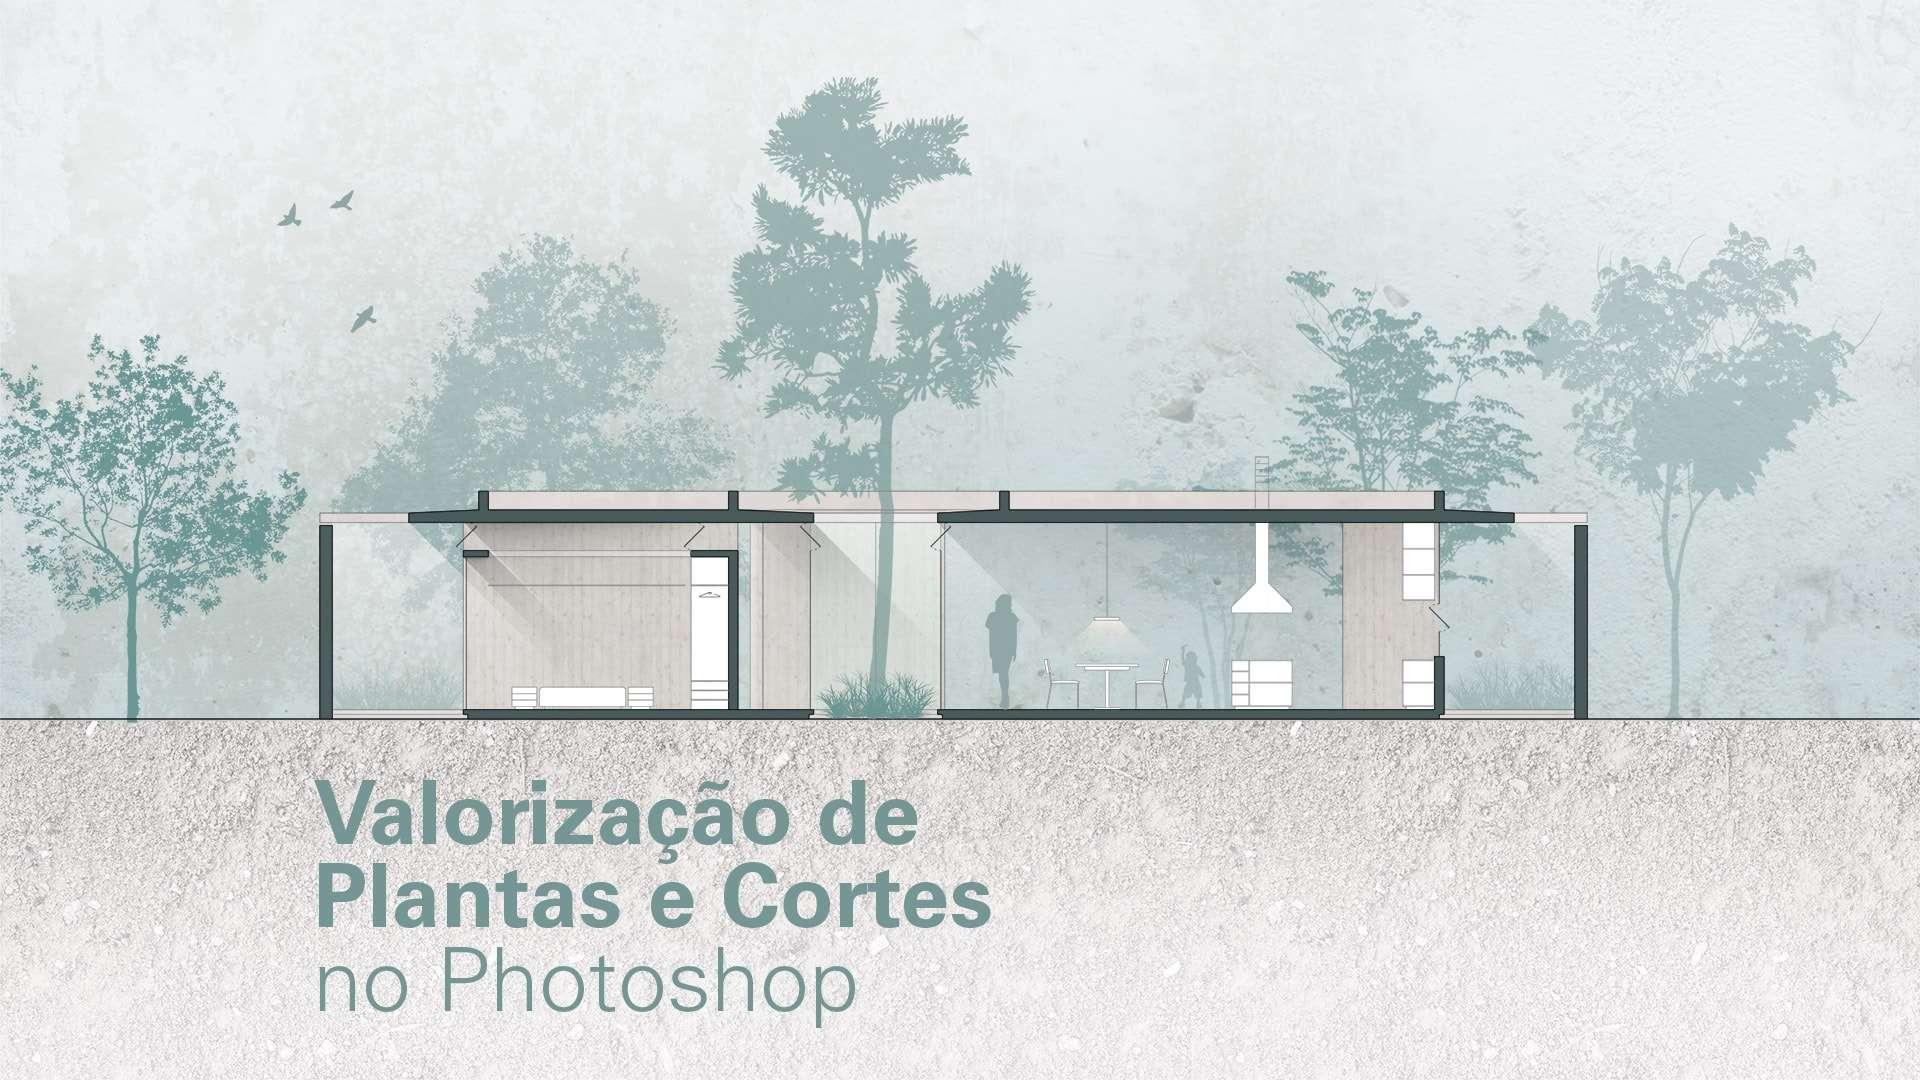 Oficina de Valorização de Plantas e Cortes Online